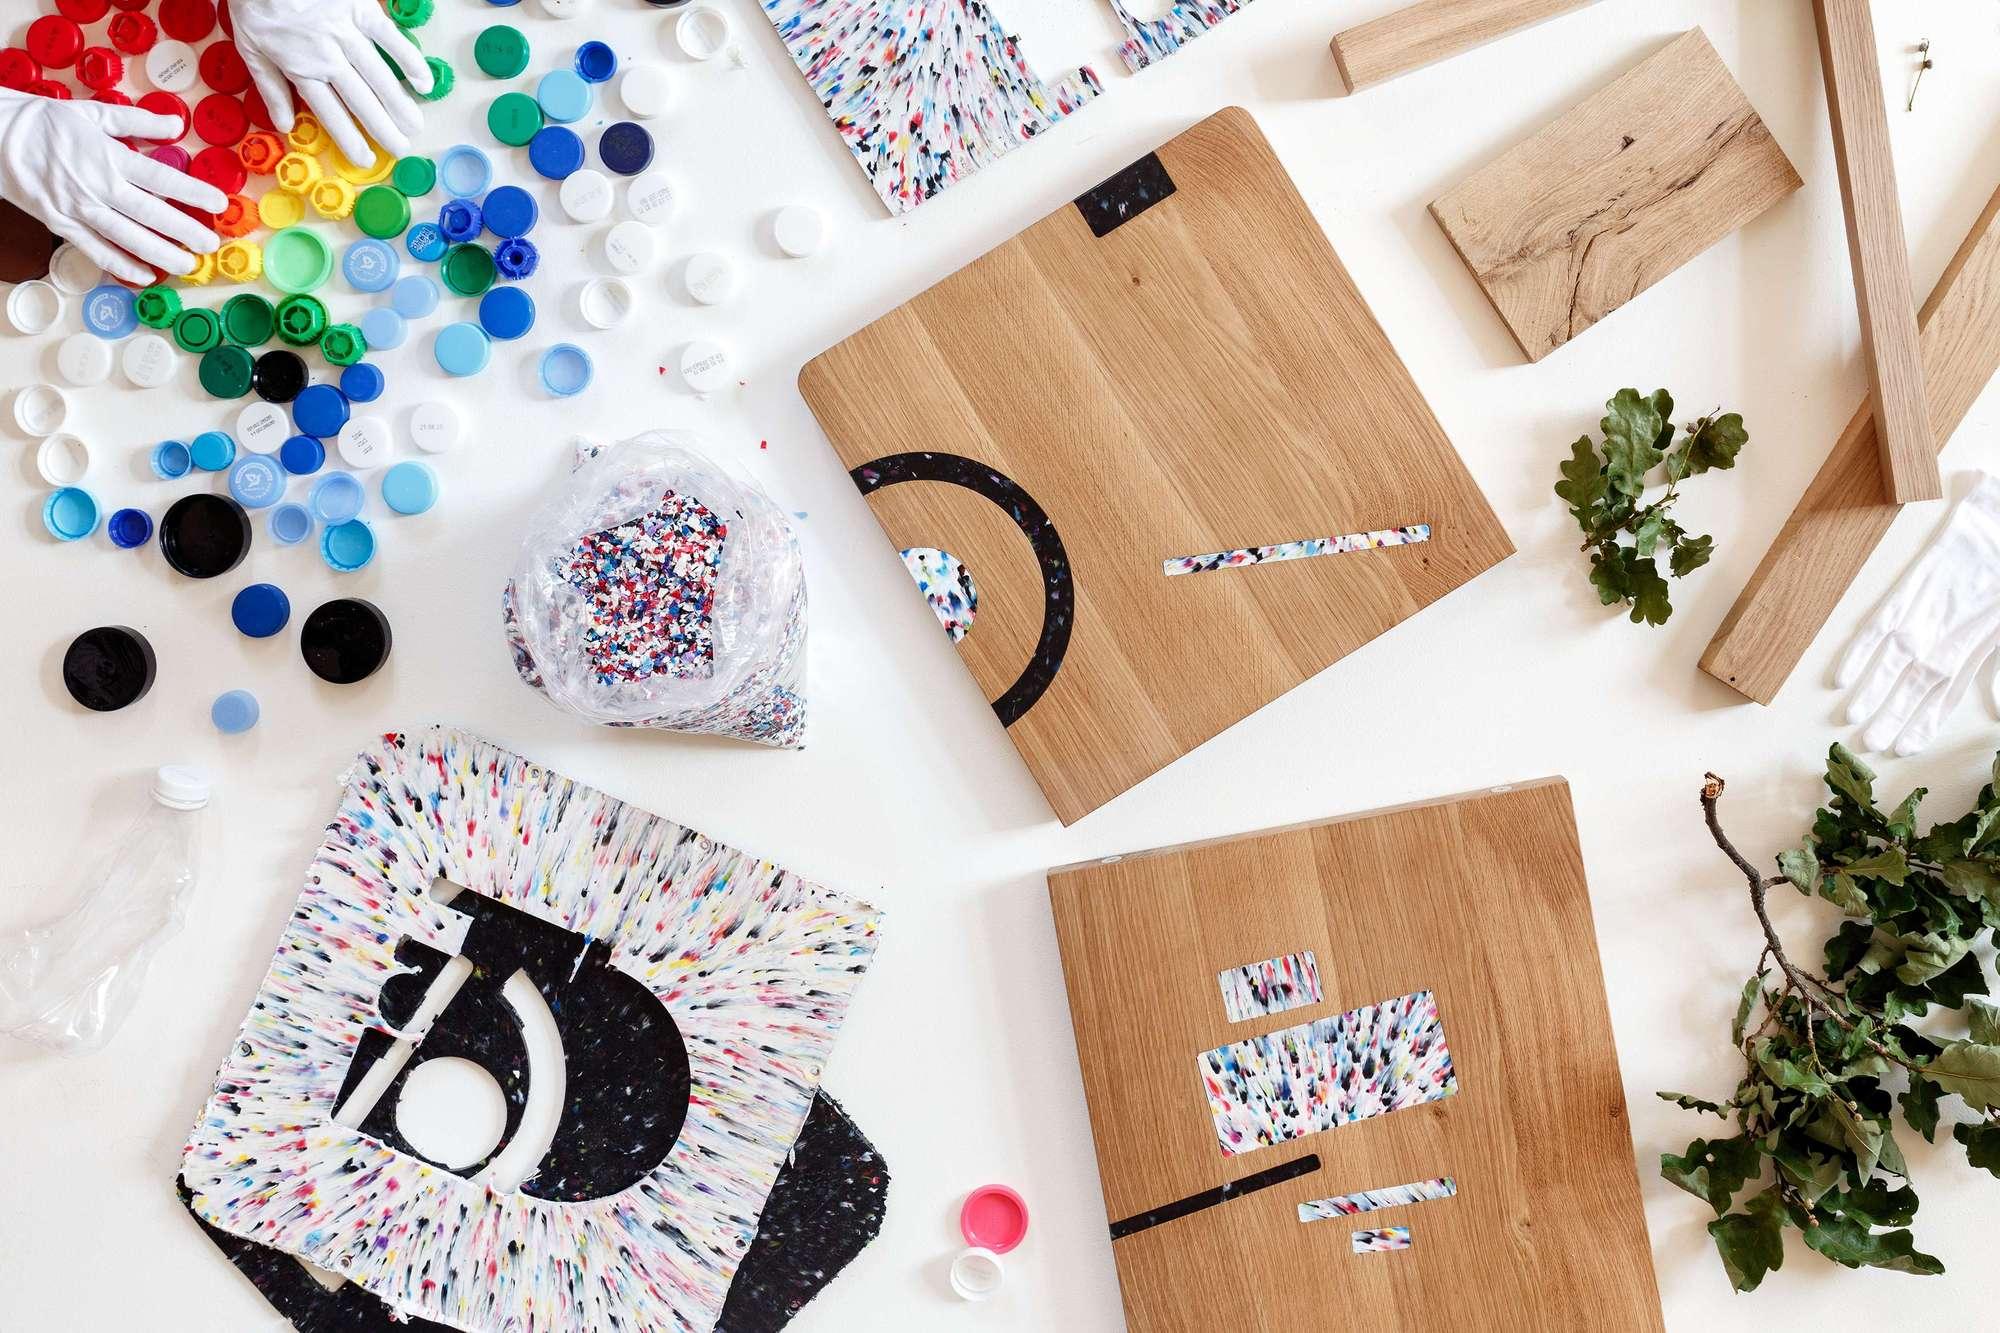 Мебель из дуба и переработанного пластика от Российской студии из Санкт-Петербурга 52 Factory